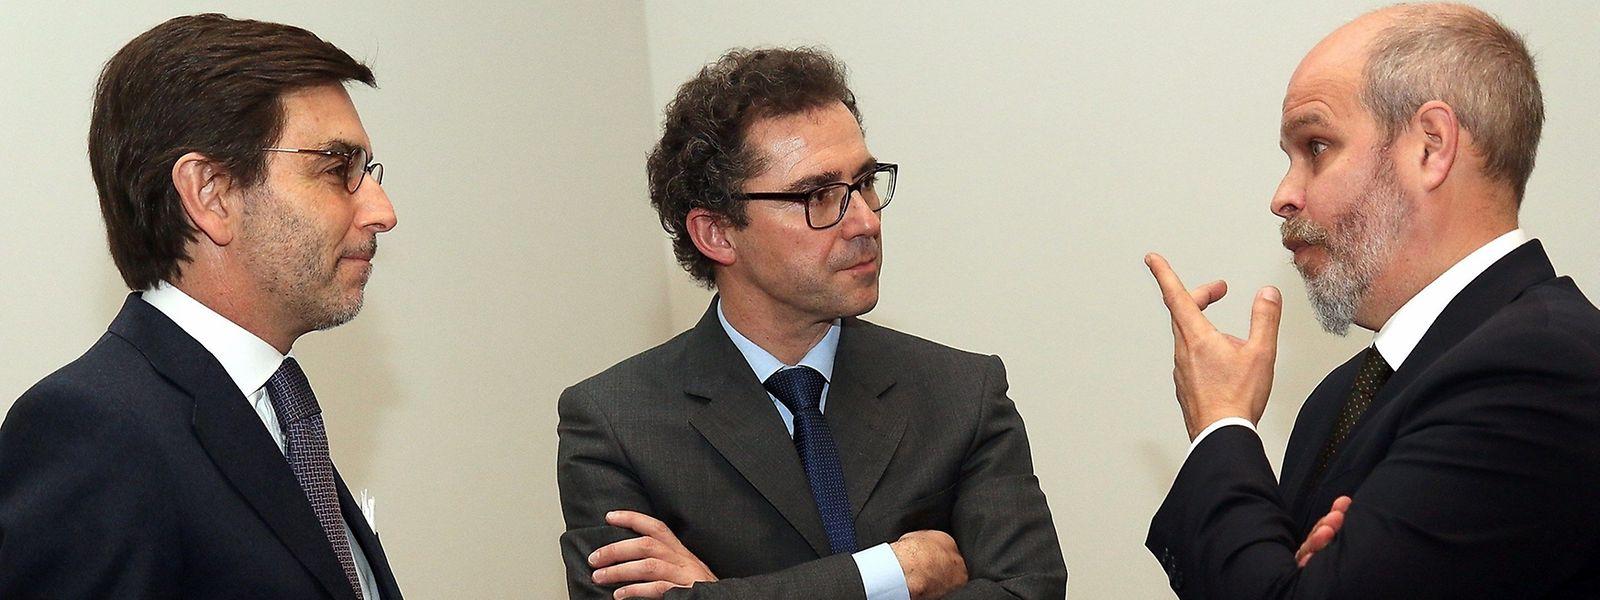 Anísio Franco, curador do Museu de Arte Antiga em Lisboa (à dta), com o director do Museu de História e Arte do Luxemburgo (ao centro) e o embaixador de Portugal